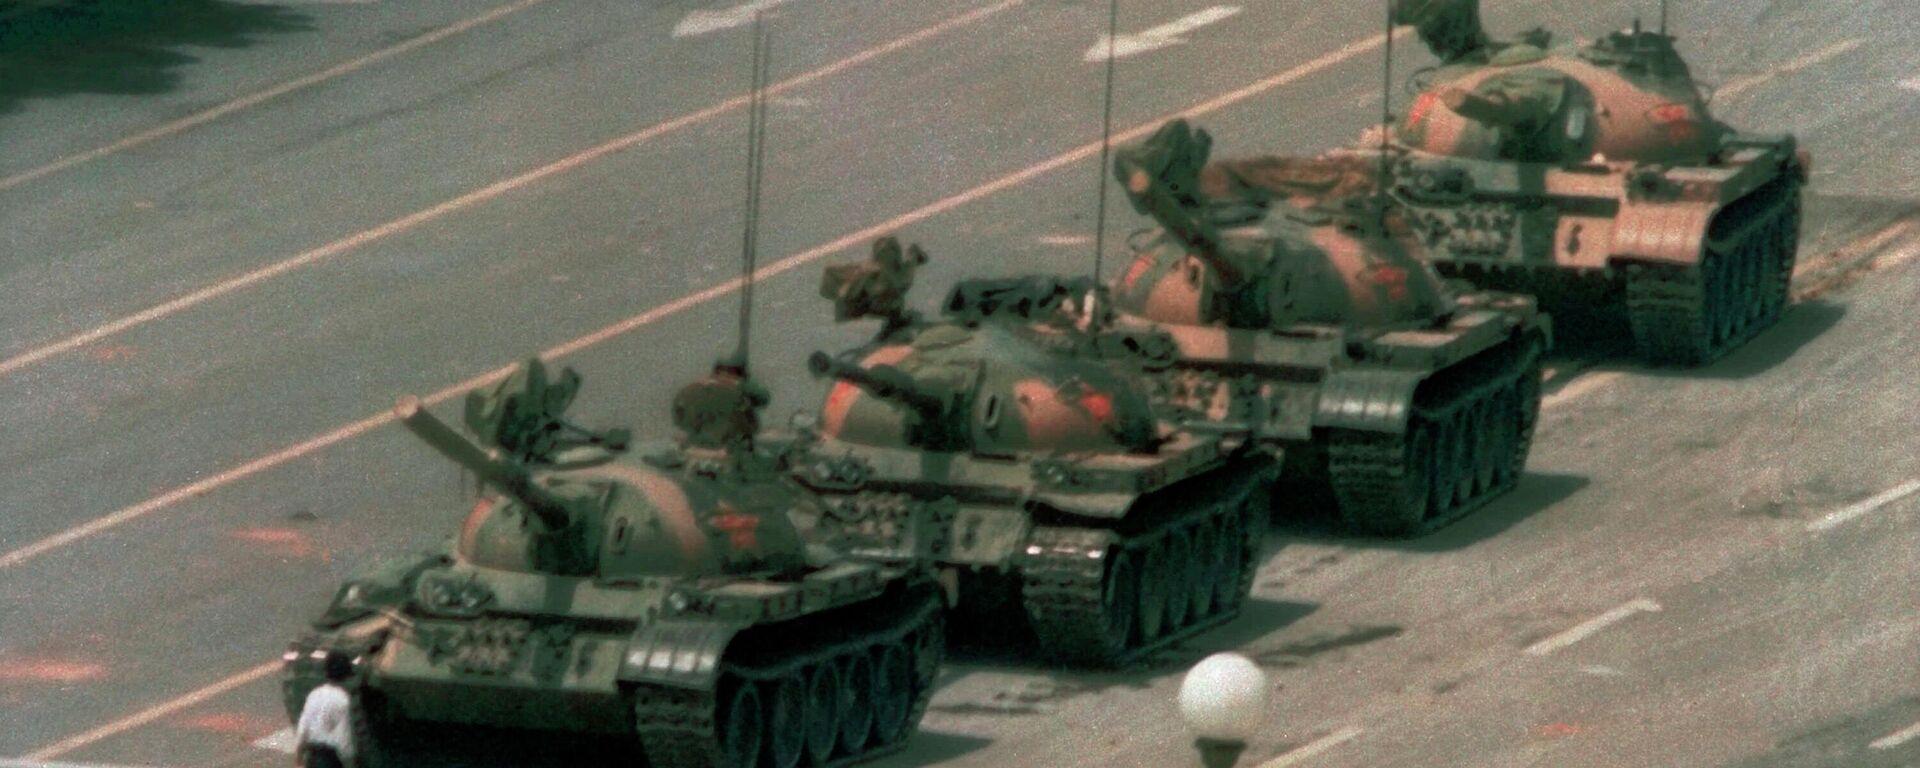 Auf diesem Foto vom 5. Juni 1989 steht ein Mann allein auf dem Platz des Himmlischen Friedens in Peking, um einer Kolonne von Panzern den Weg  nach Osten zu blockieren. (Archiv) - SNA, 1920, 05.06.2021